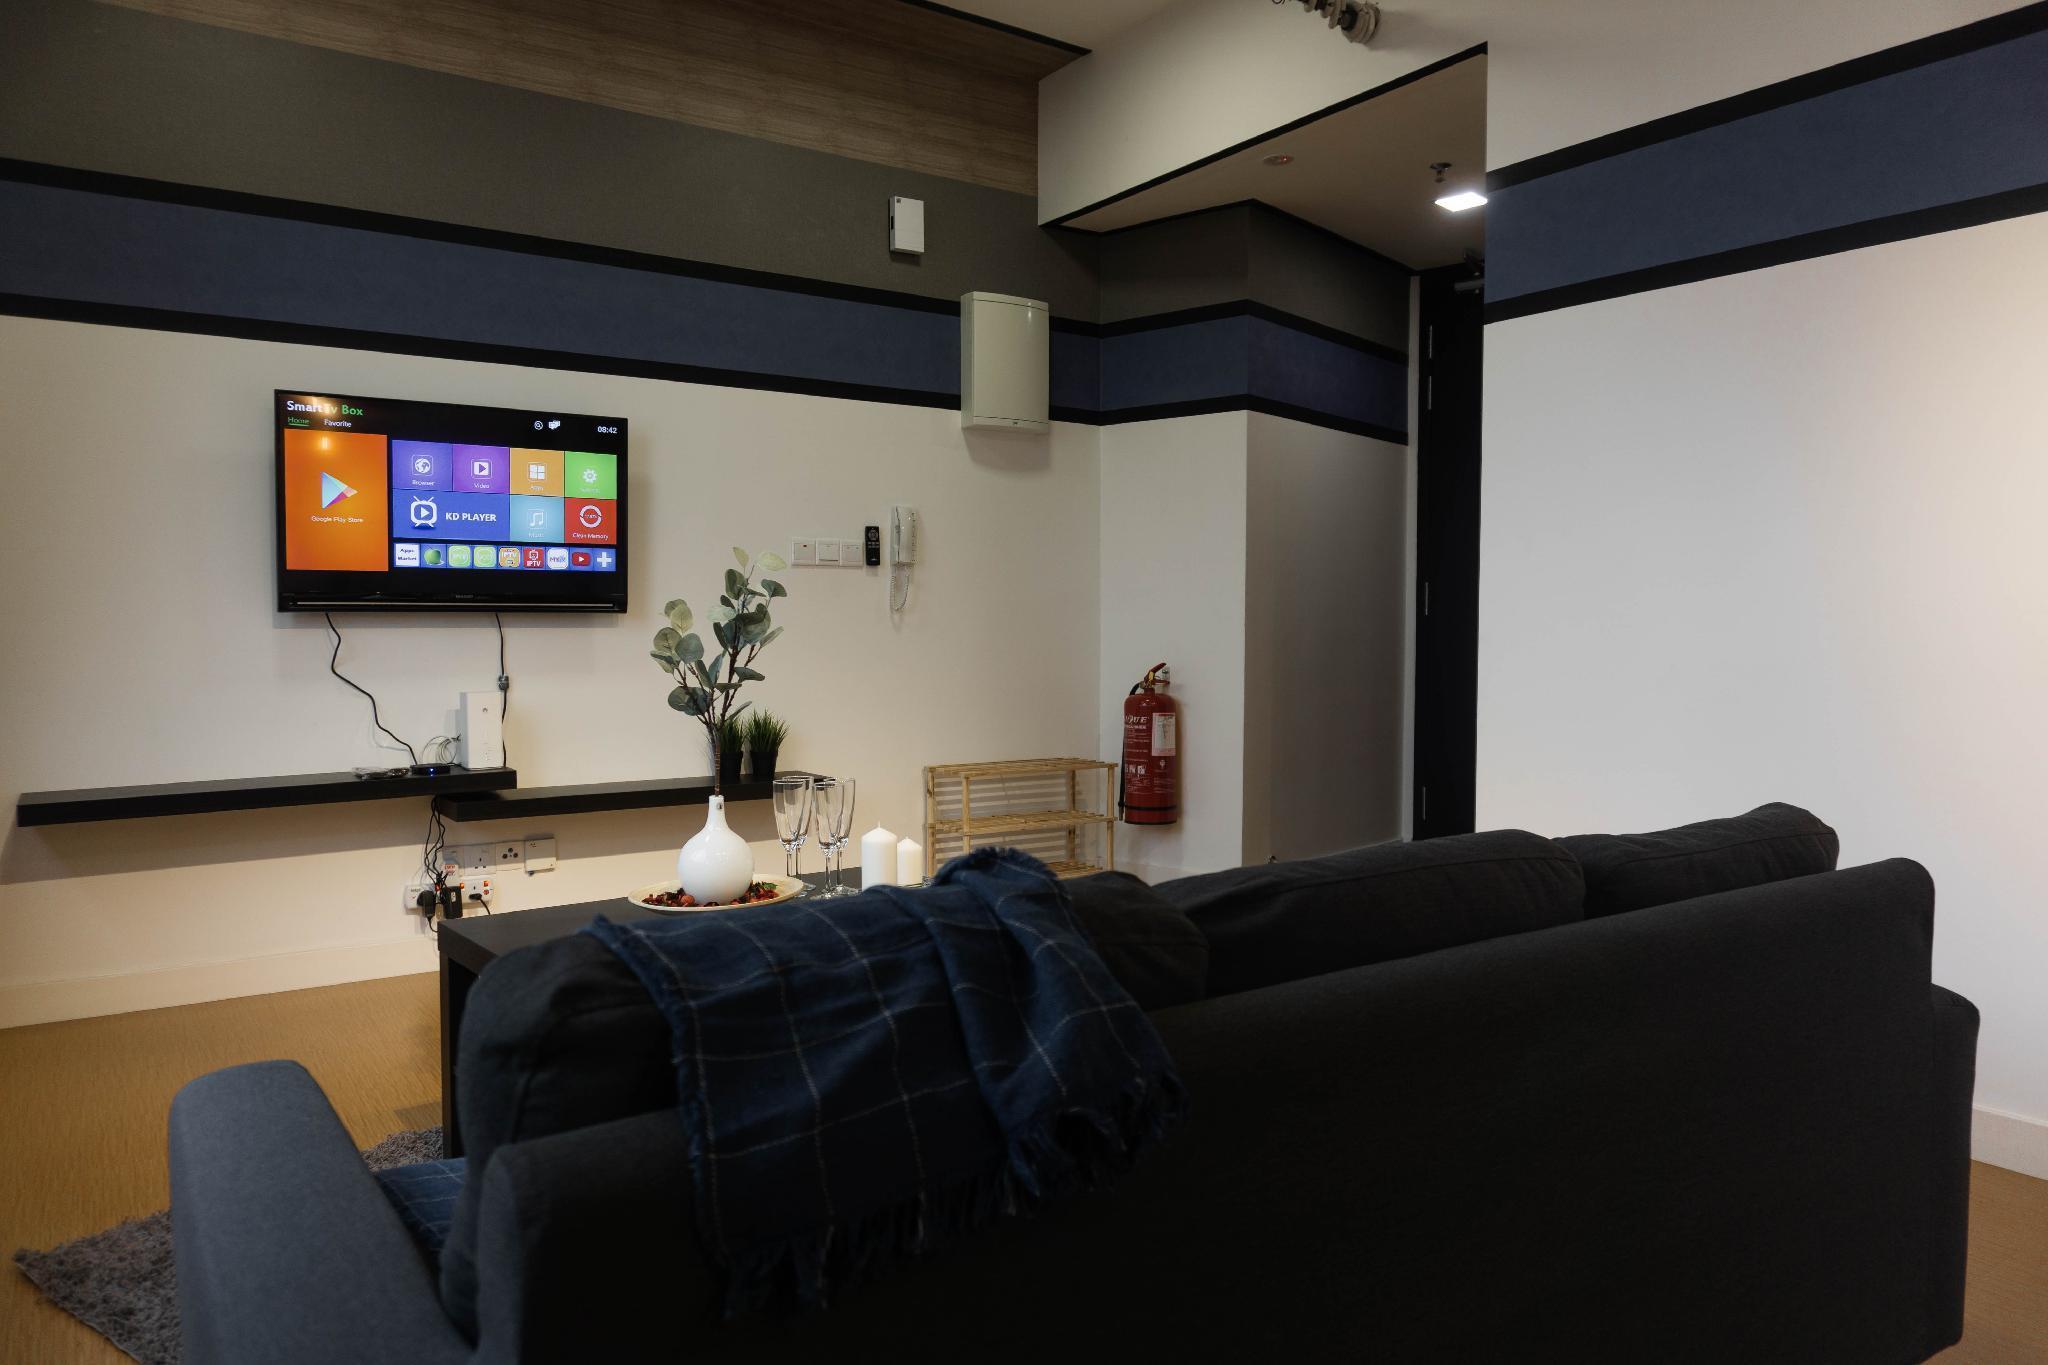 {NEW} 3 6 Pax Deluxe Duplex Suite @Damansara PJ